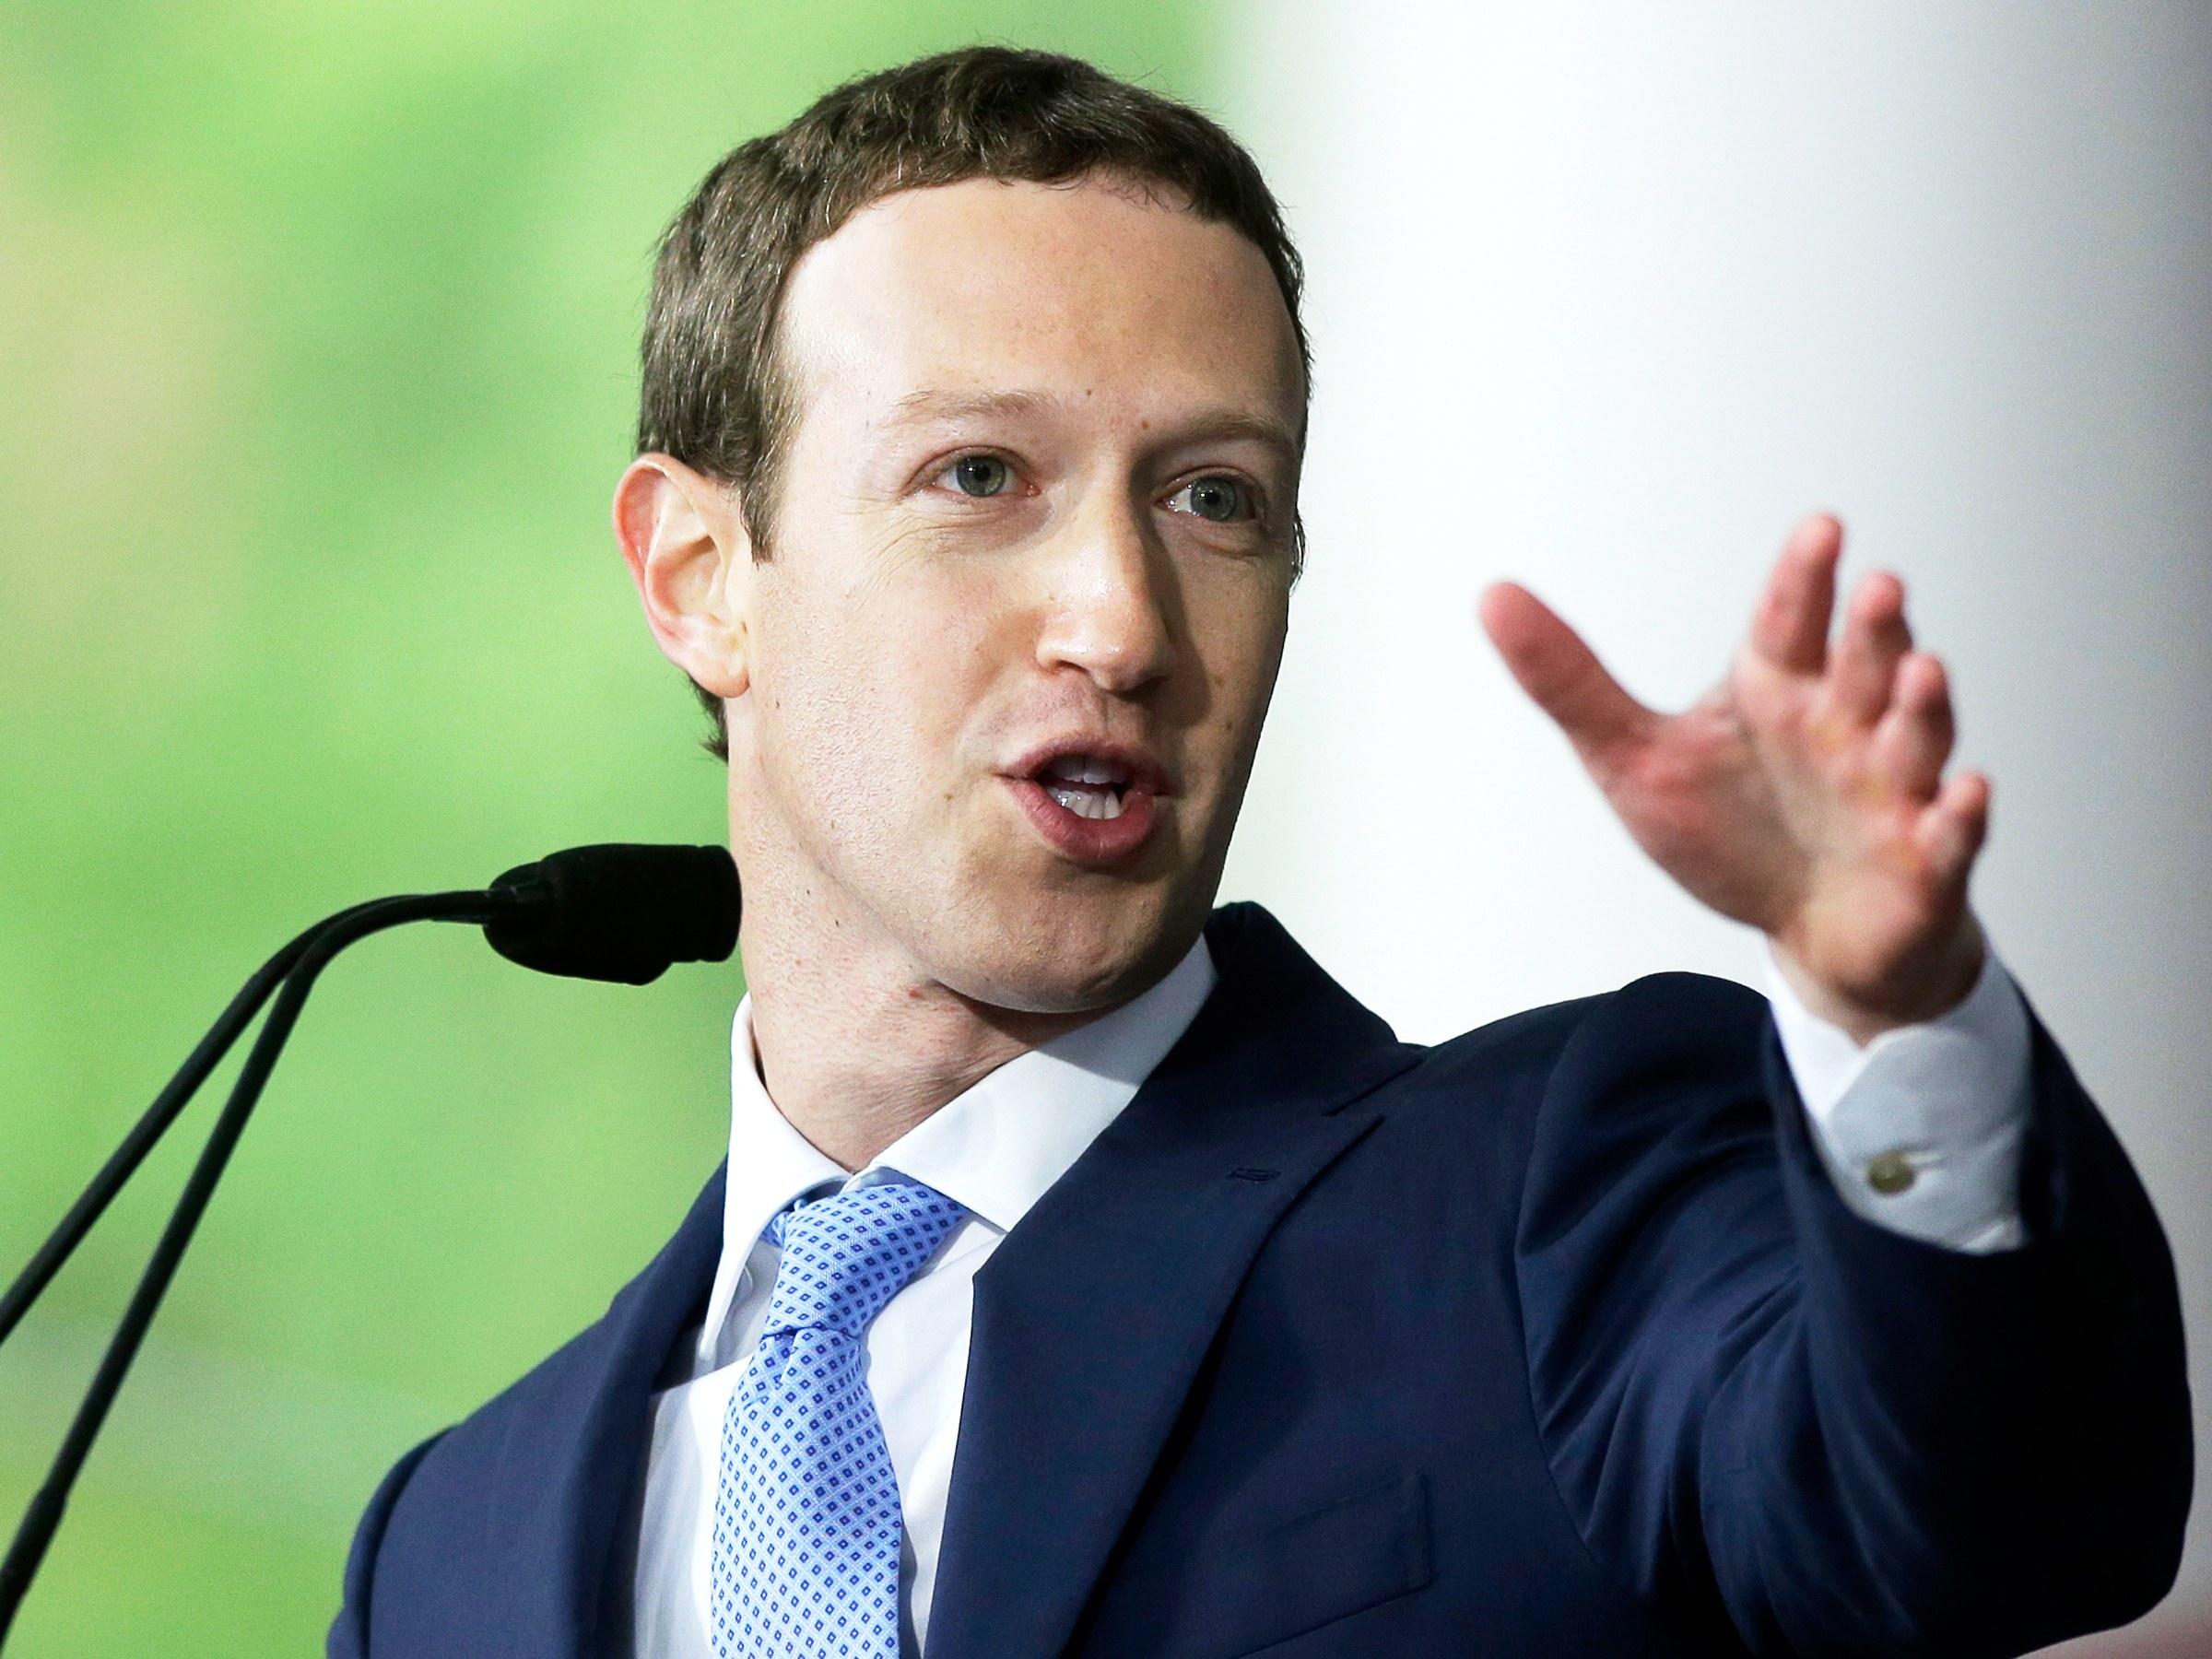 Mark Zukerburg, Facebook